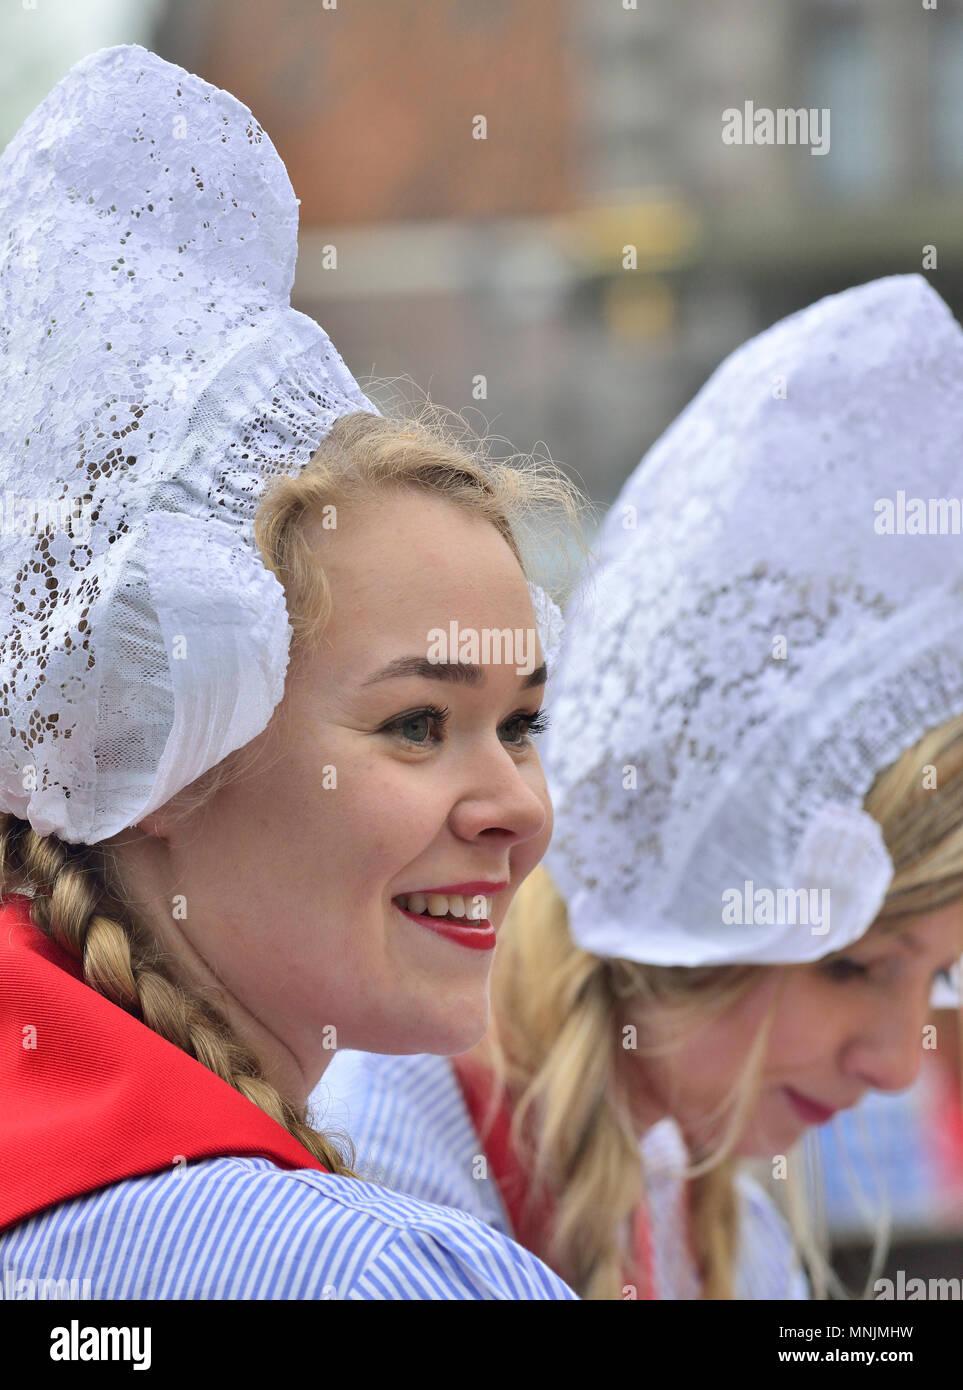 """Las niñas holandés en traje tradicional en el mercado de queso en el mercado de quesos de Alkmaar, Holanda """"queso de niñas vende muestras en el mercado de quesos de Alkmaar Imagen De Stock"""